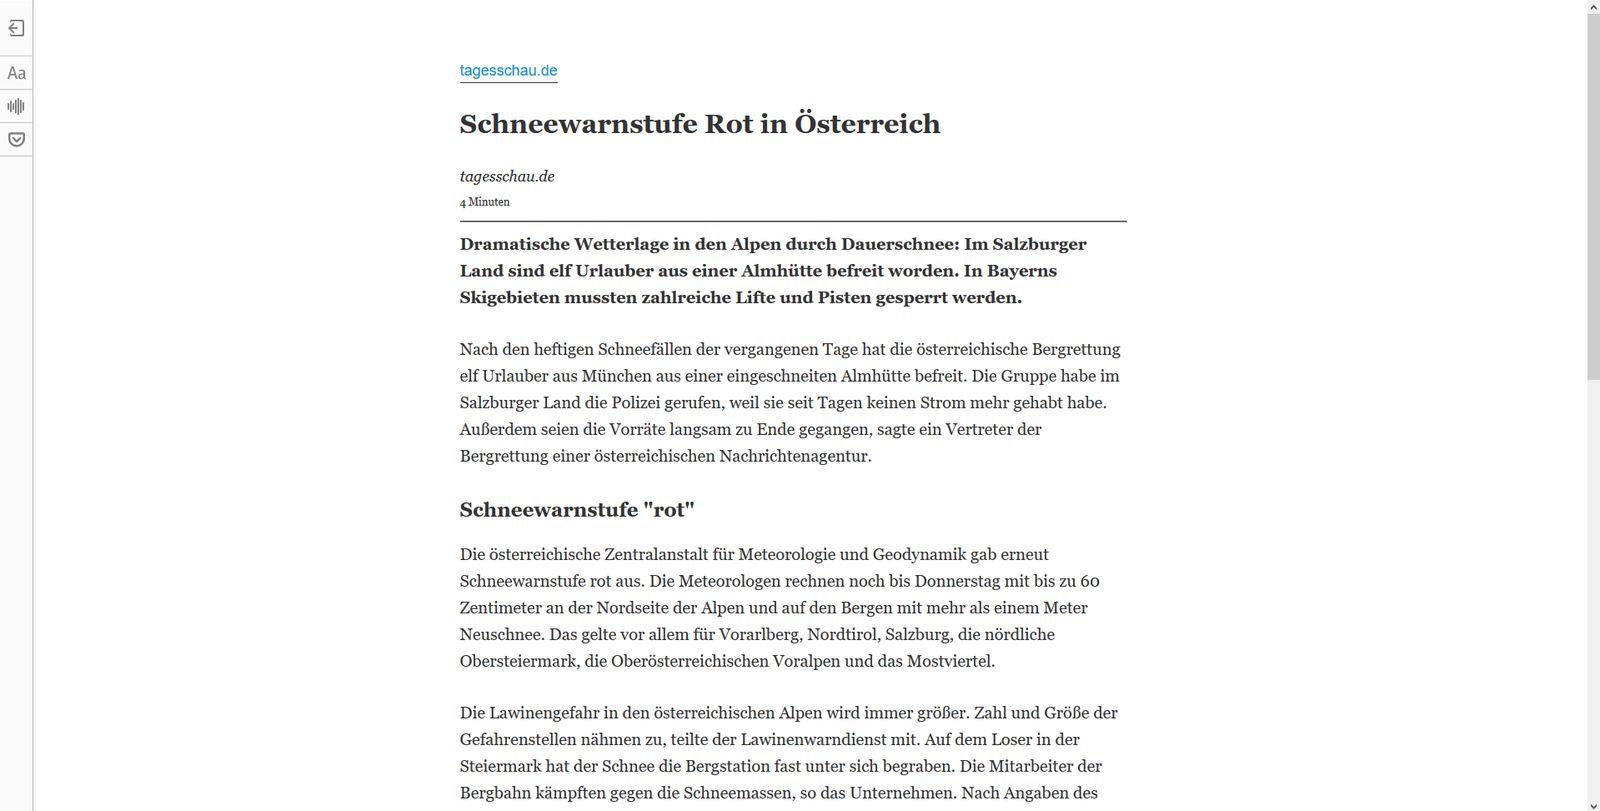 Firefox Leseansicht aktiviert: Schneewarnstufe Rot in Österreich - Tagesschau.de (1)